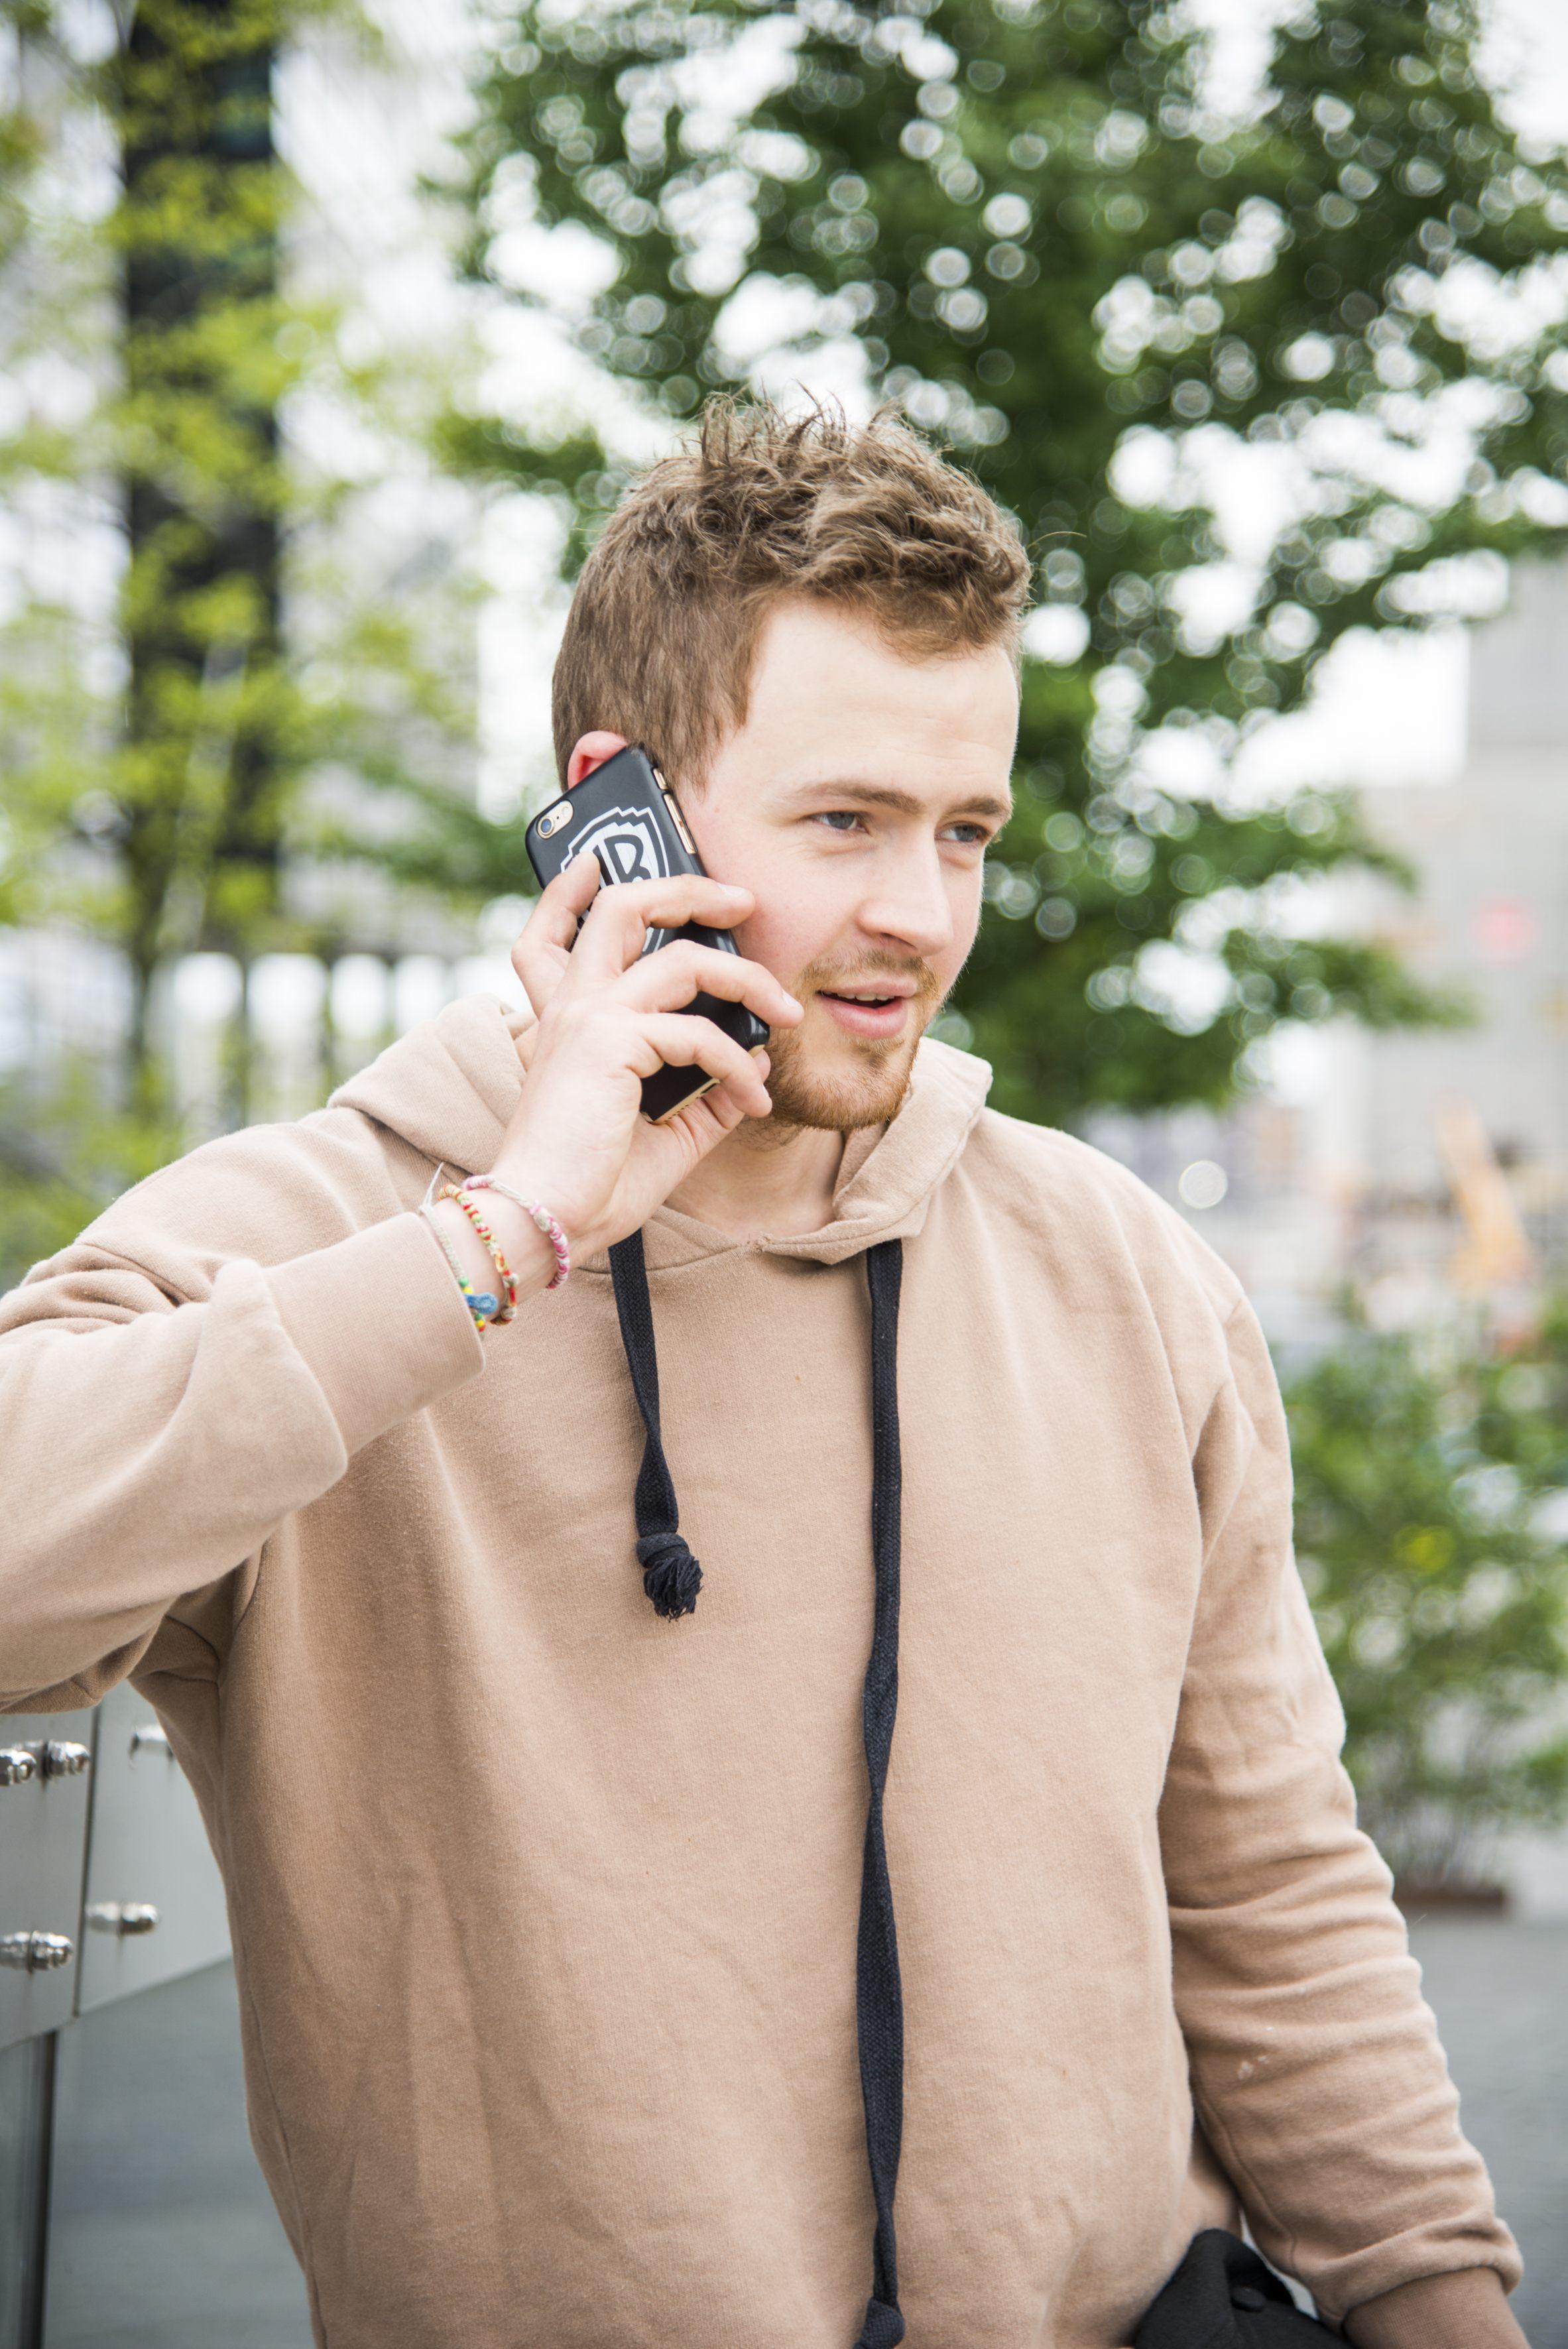 Julian sett fra siden mens han snakker i mobil og lener seg mot gjerde. Hårdelen ser helt naturlig rufsete ut.